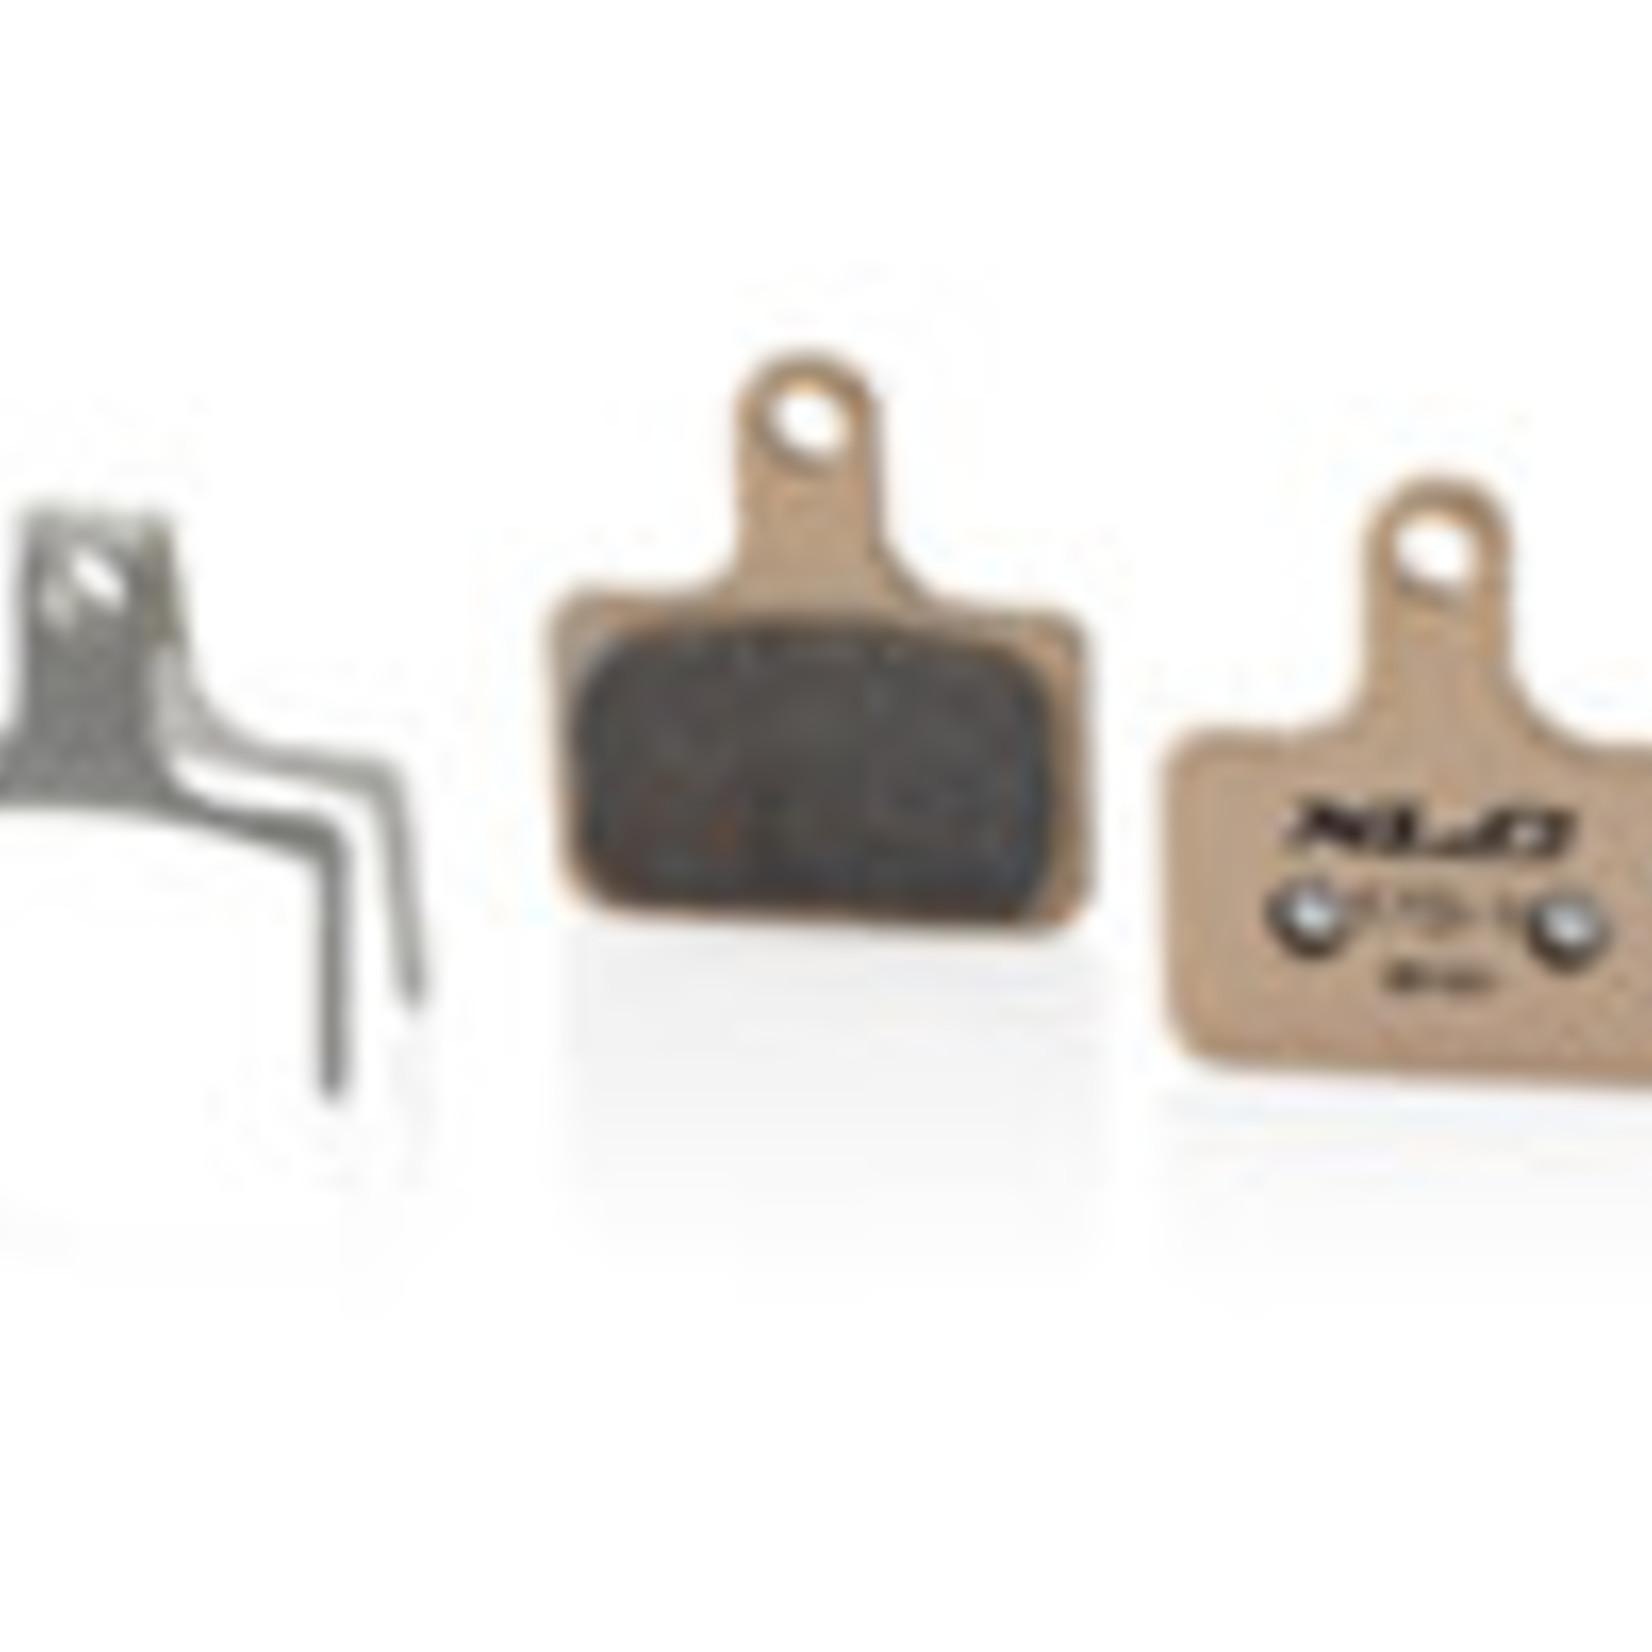 XLC XLC Disc Brake Pads for XTR 105 Ultegra Dura Ace